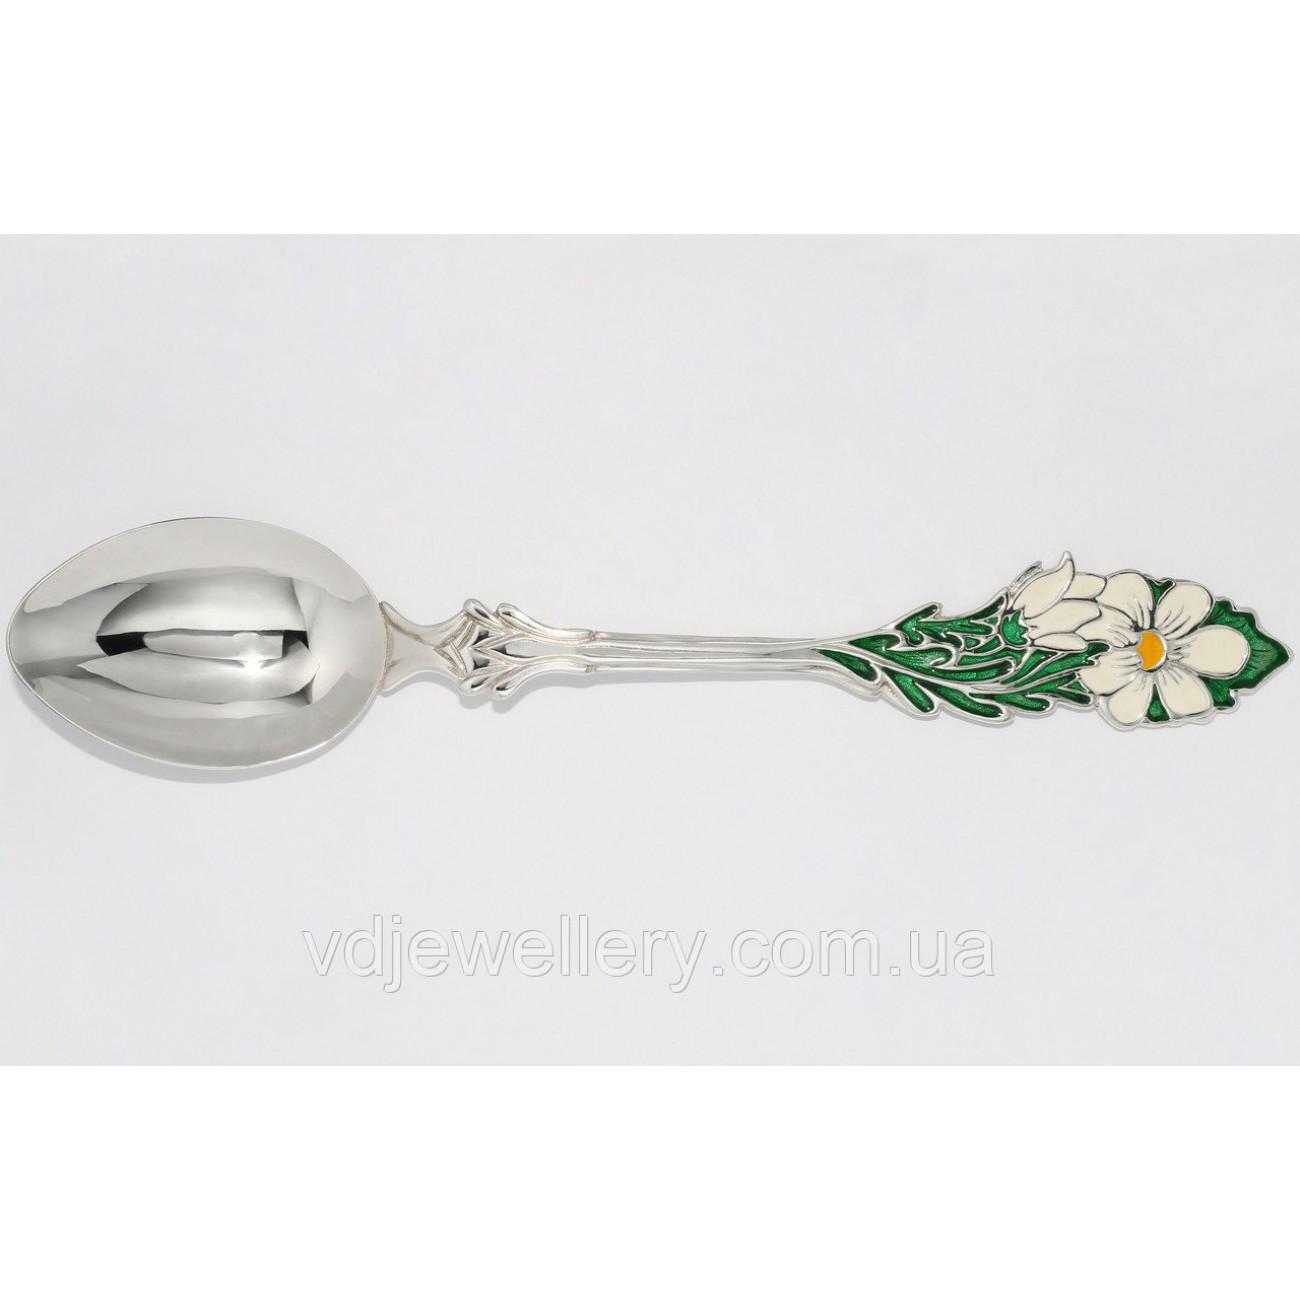 Десертная серебряная ложка Цветы 112ЛТ